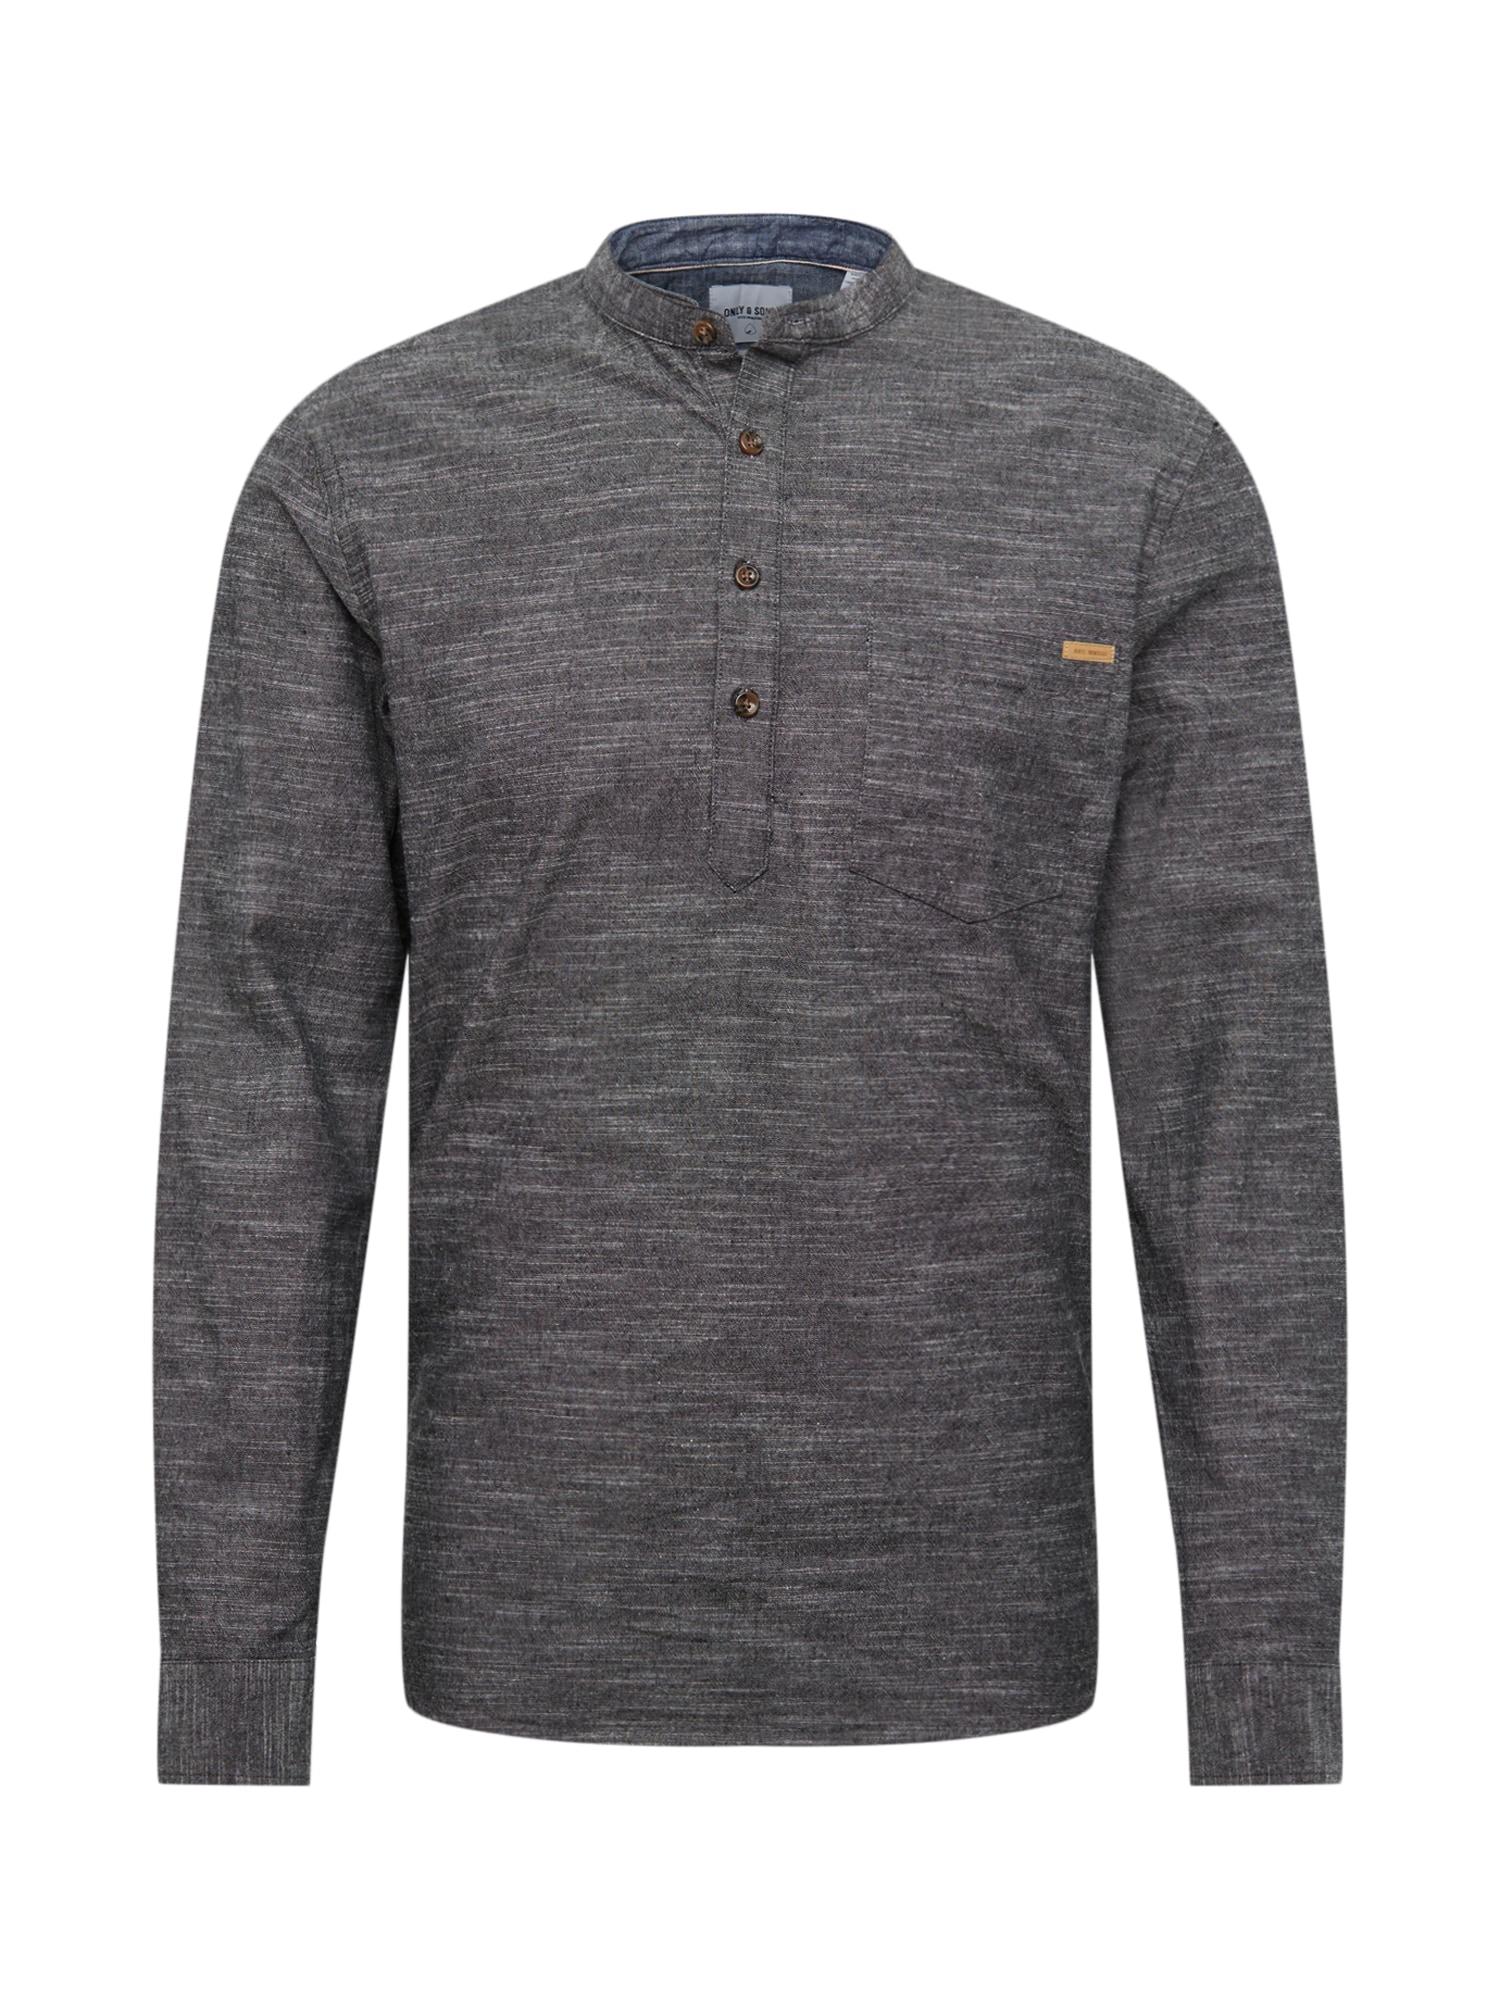 Košile onsTOBY LS HALFPLACKET SLUB čedičová šedá Only & Sons